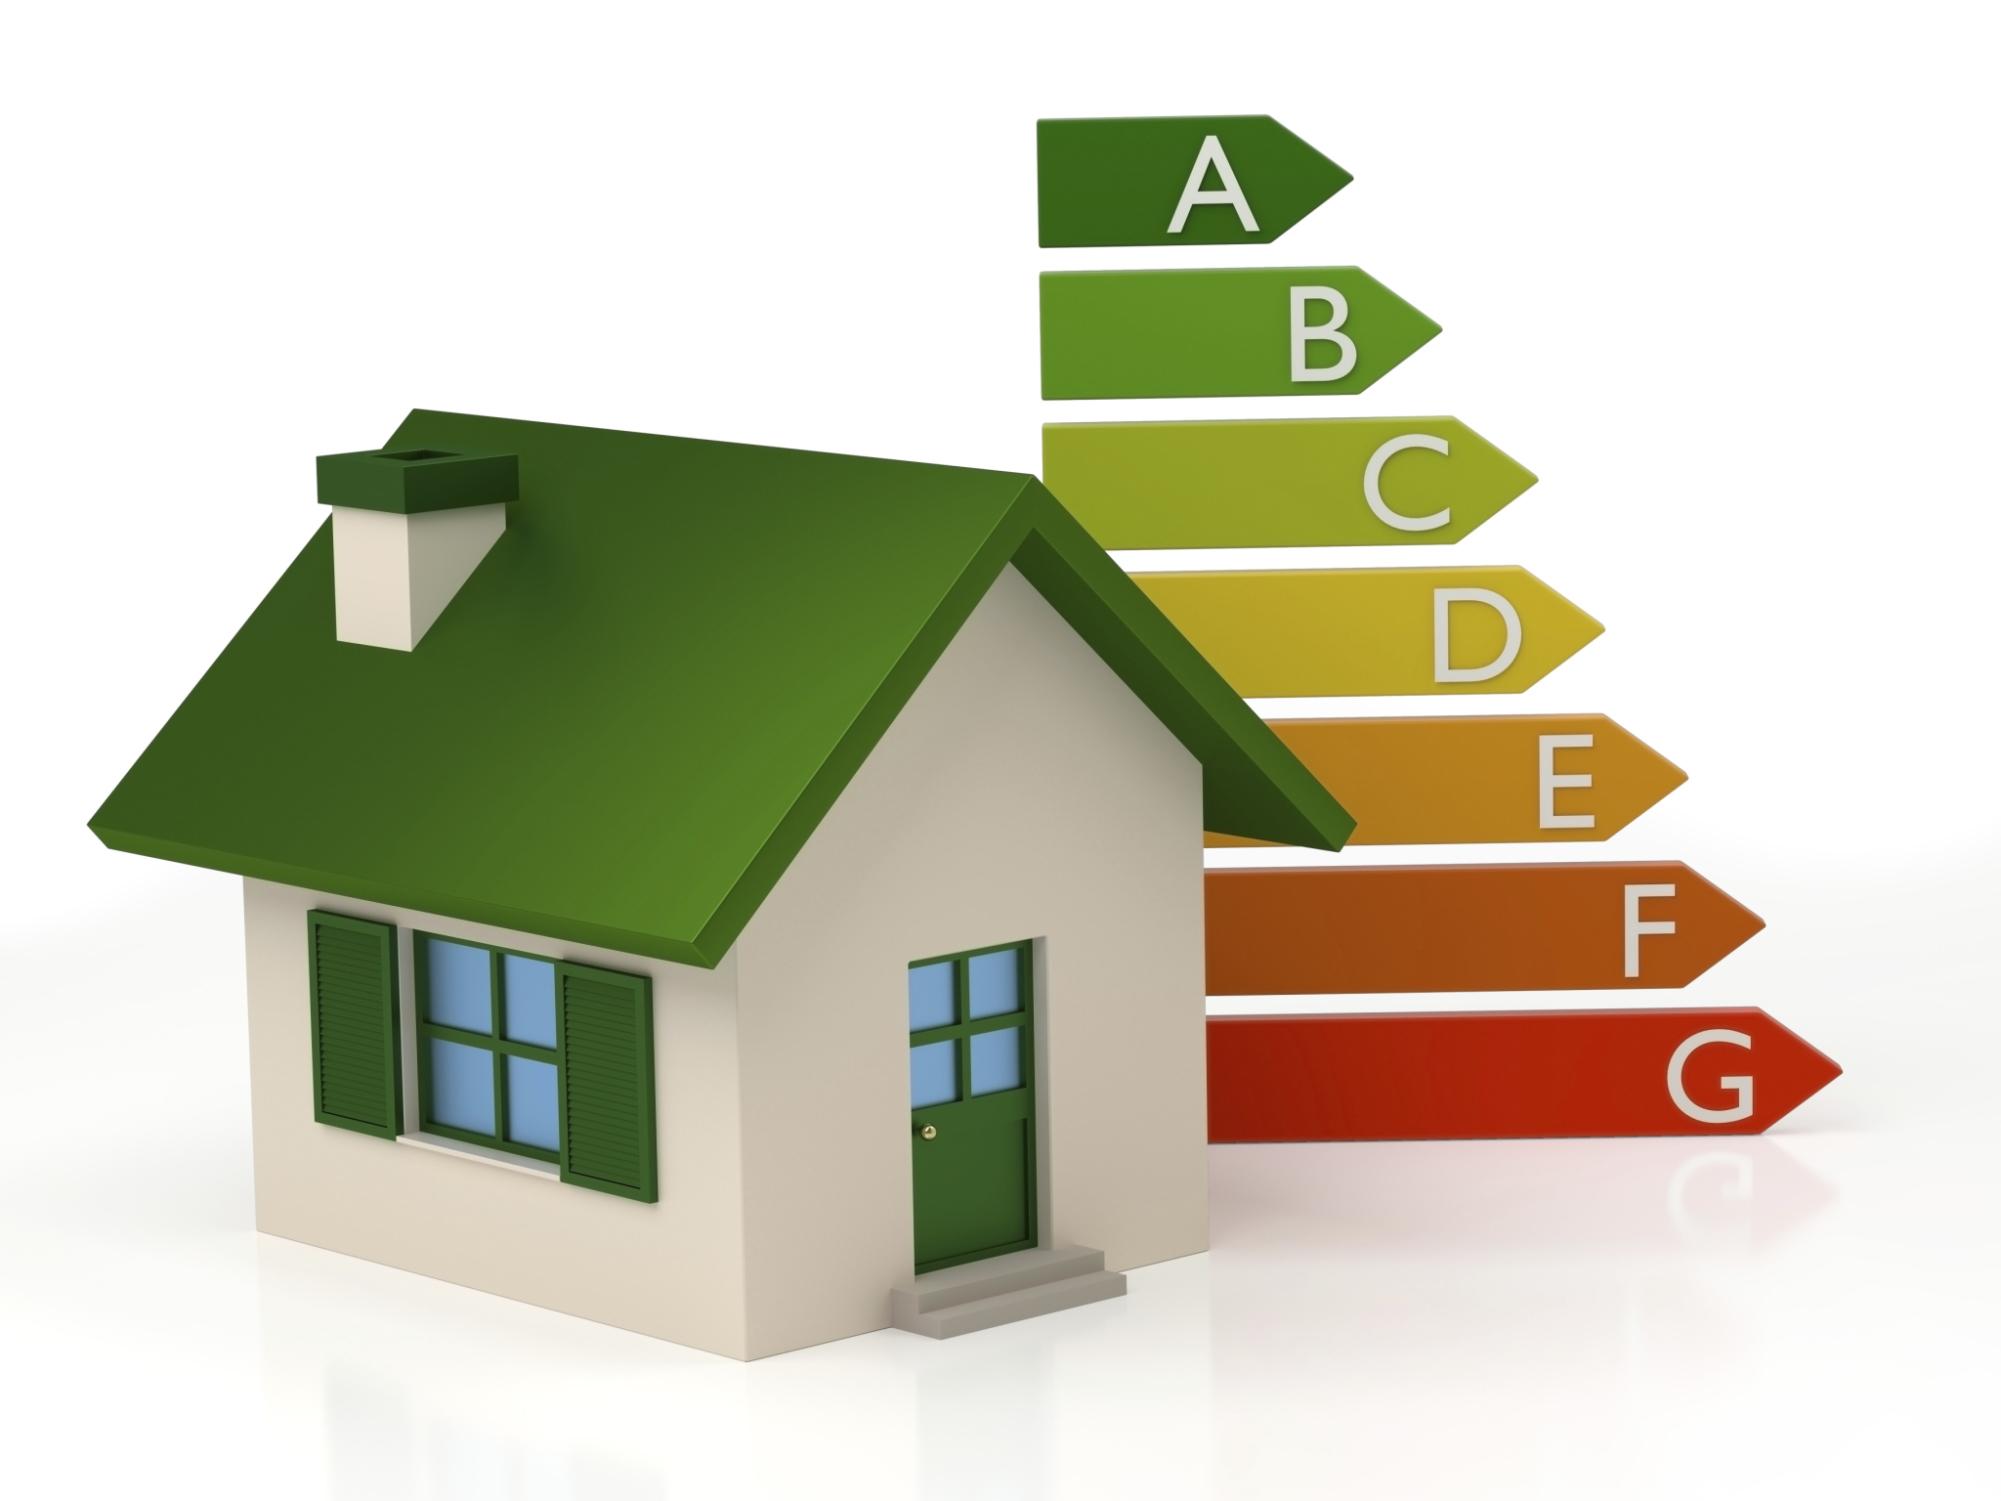 Detrazioni fiscali per efficienza energetica al 65 e - Detrazione iva acquisto prima casa 2016 ...